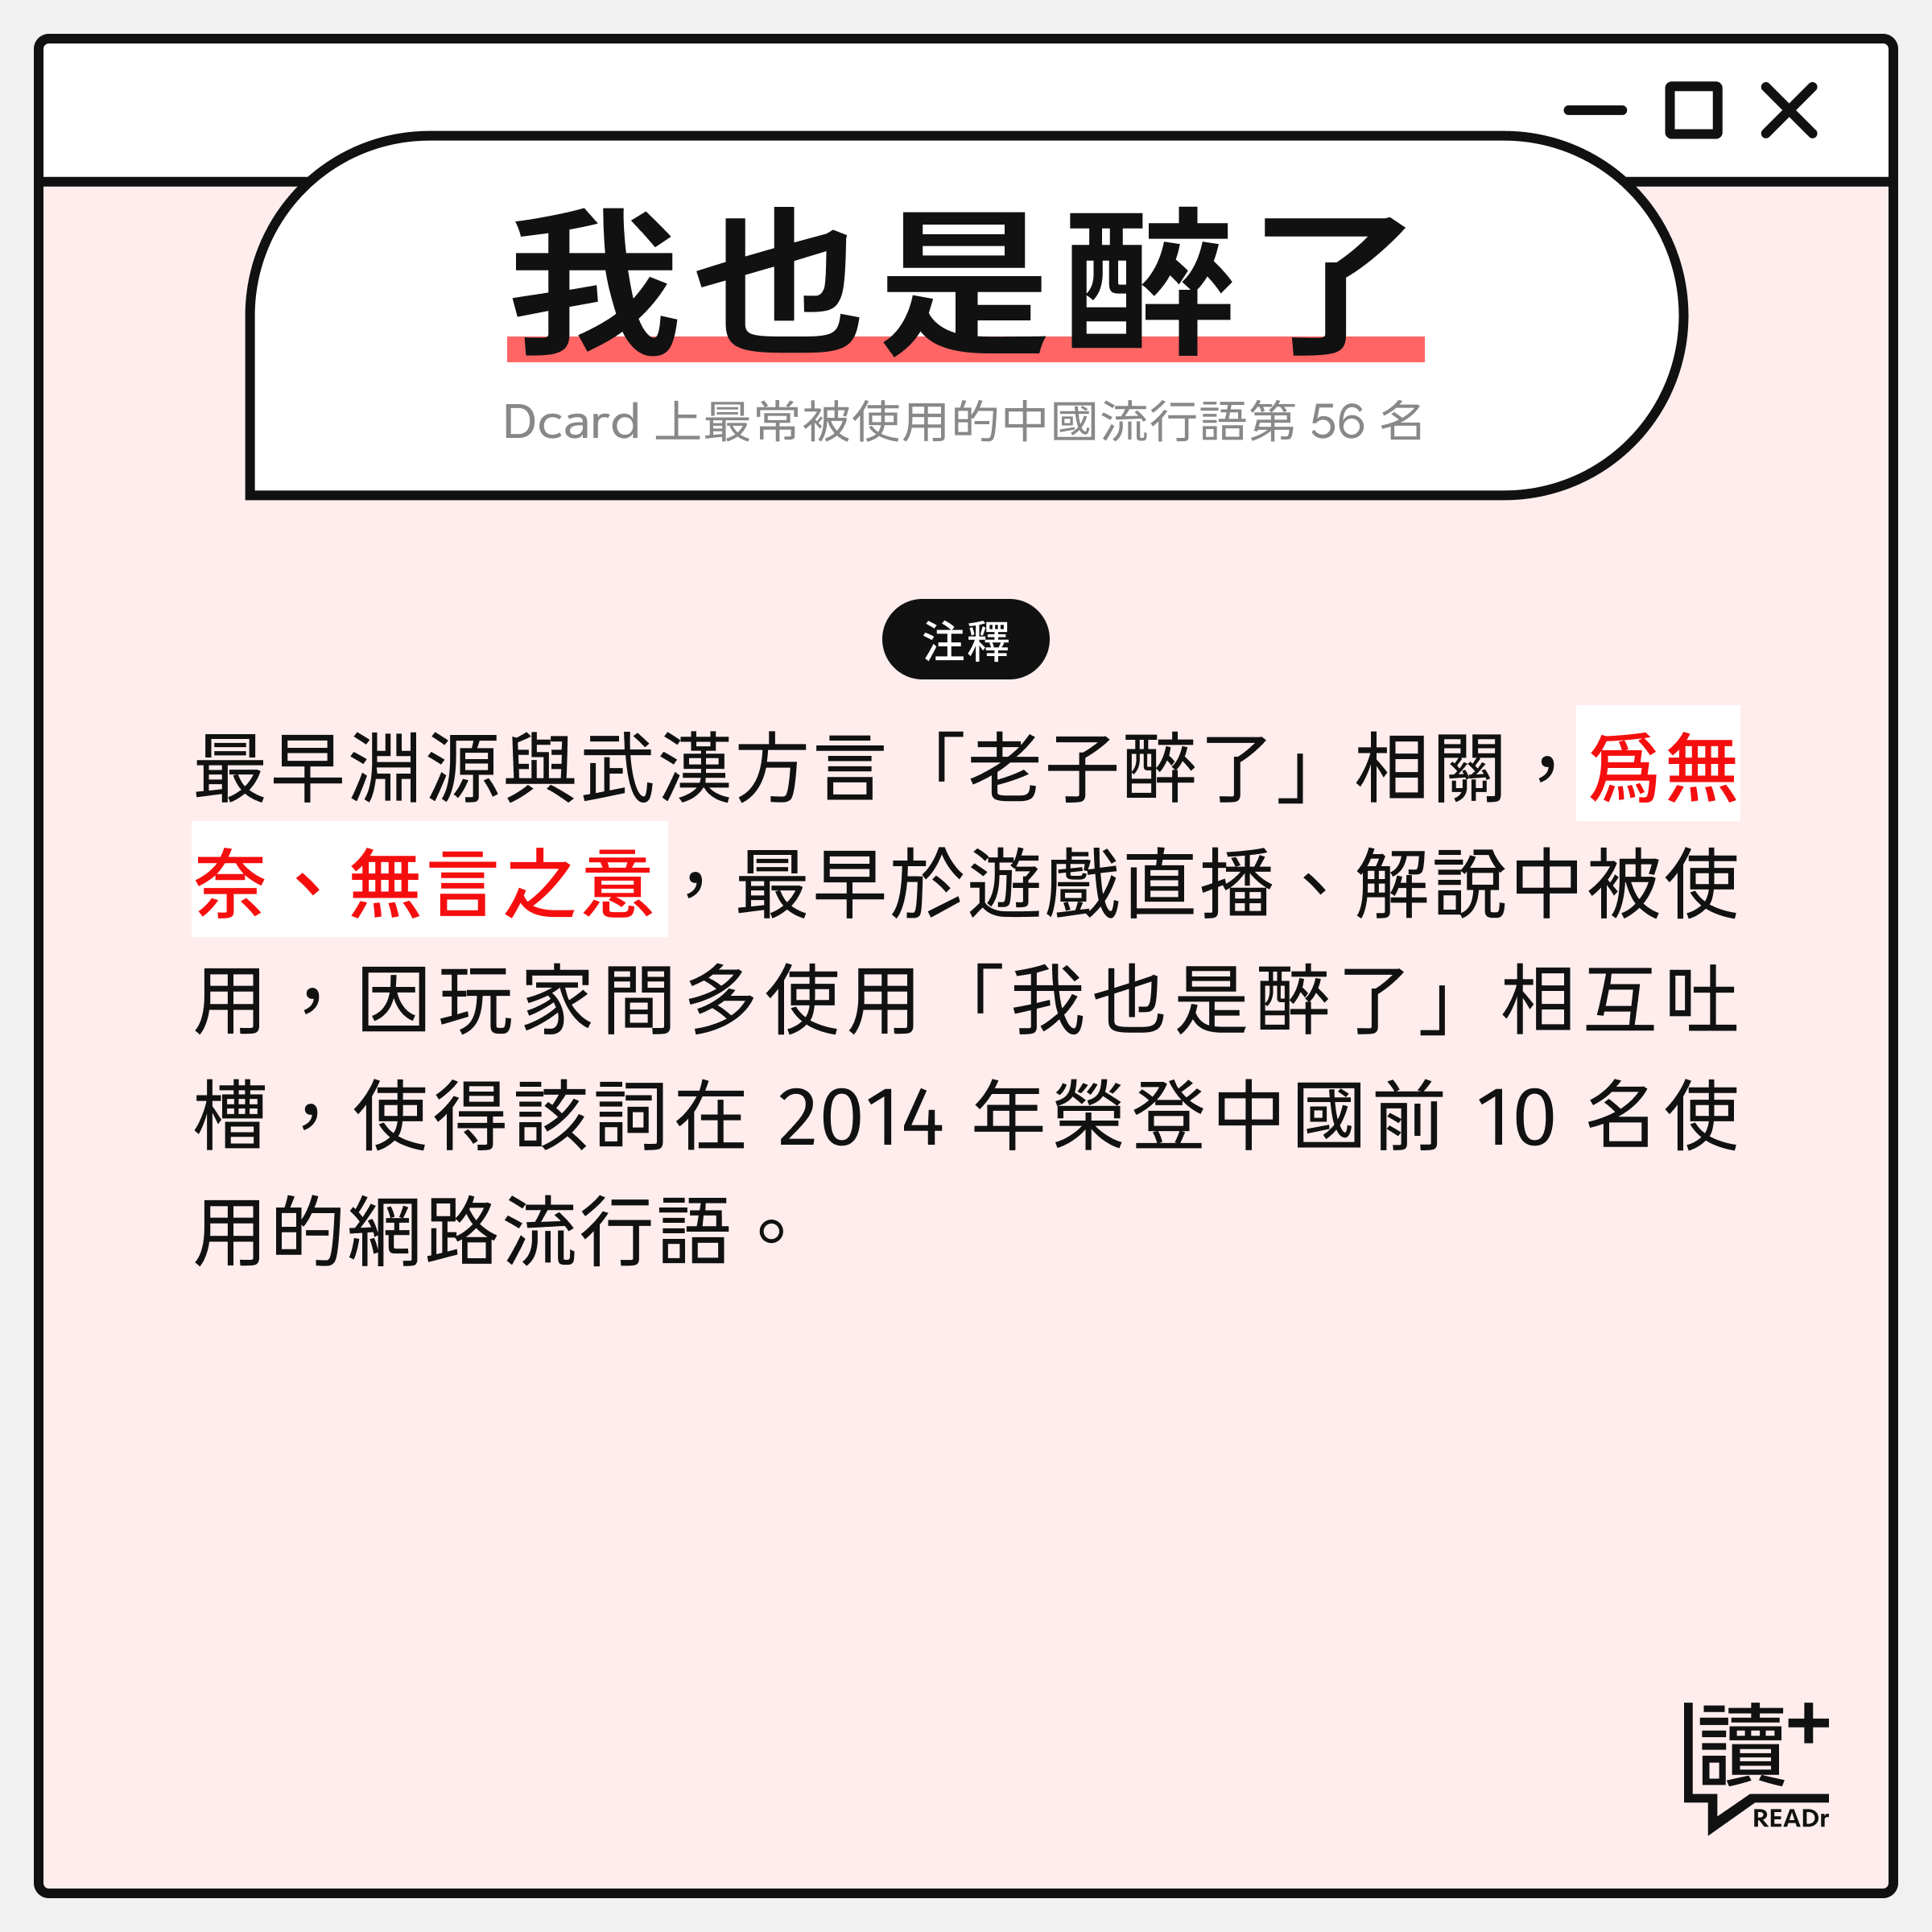 中國流行語詞彙:我也是醉了